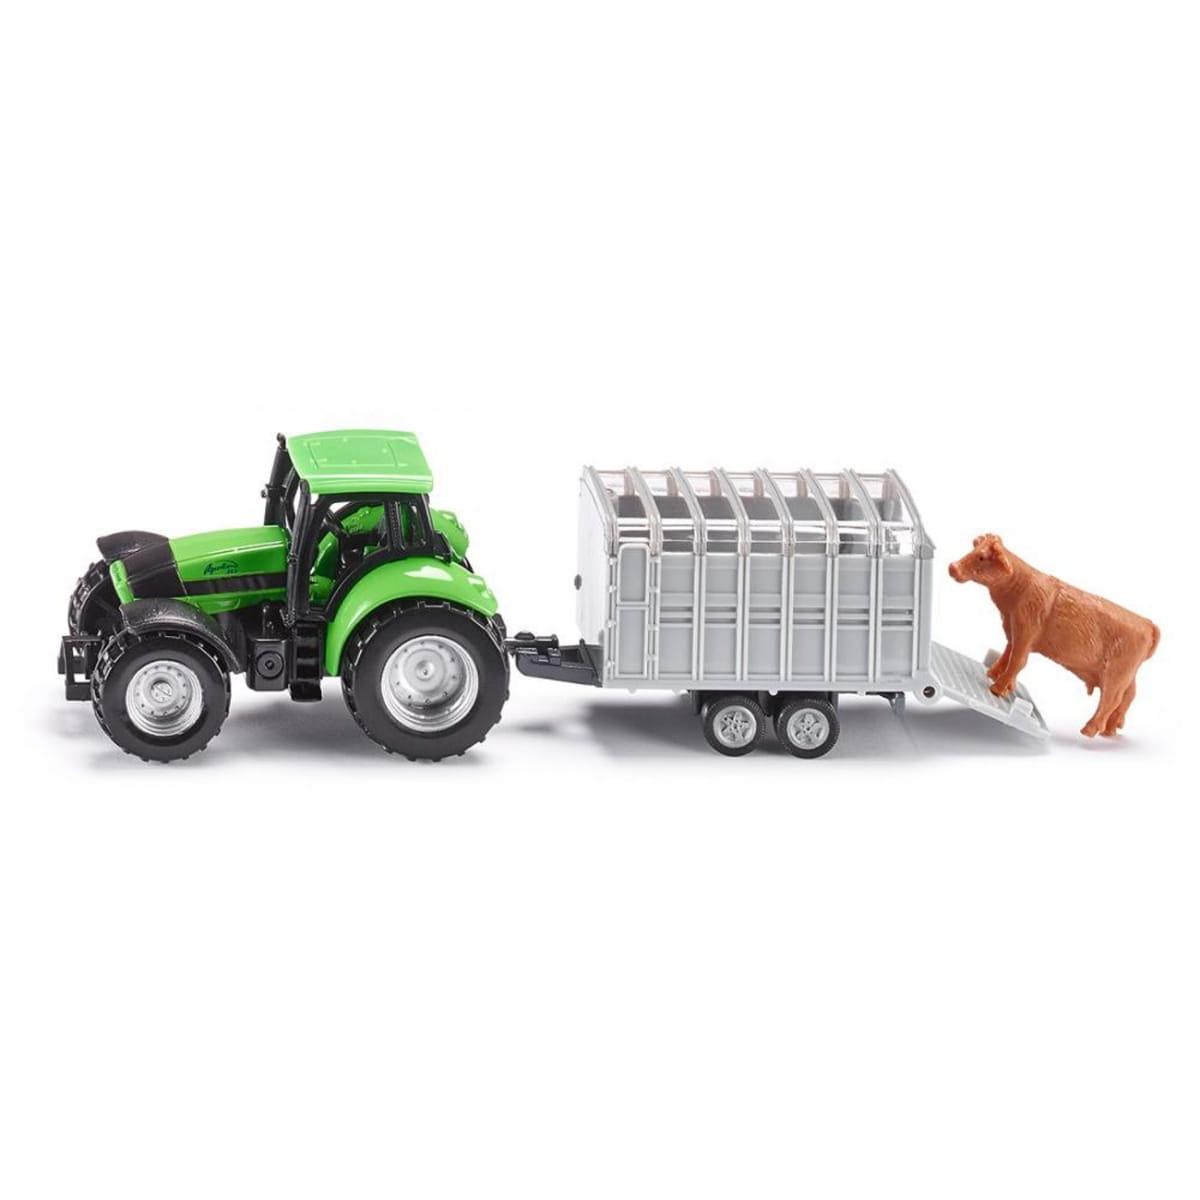 Трактор SIKU с прицепом для скота